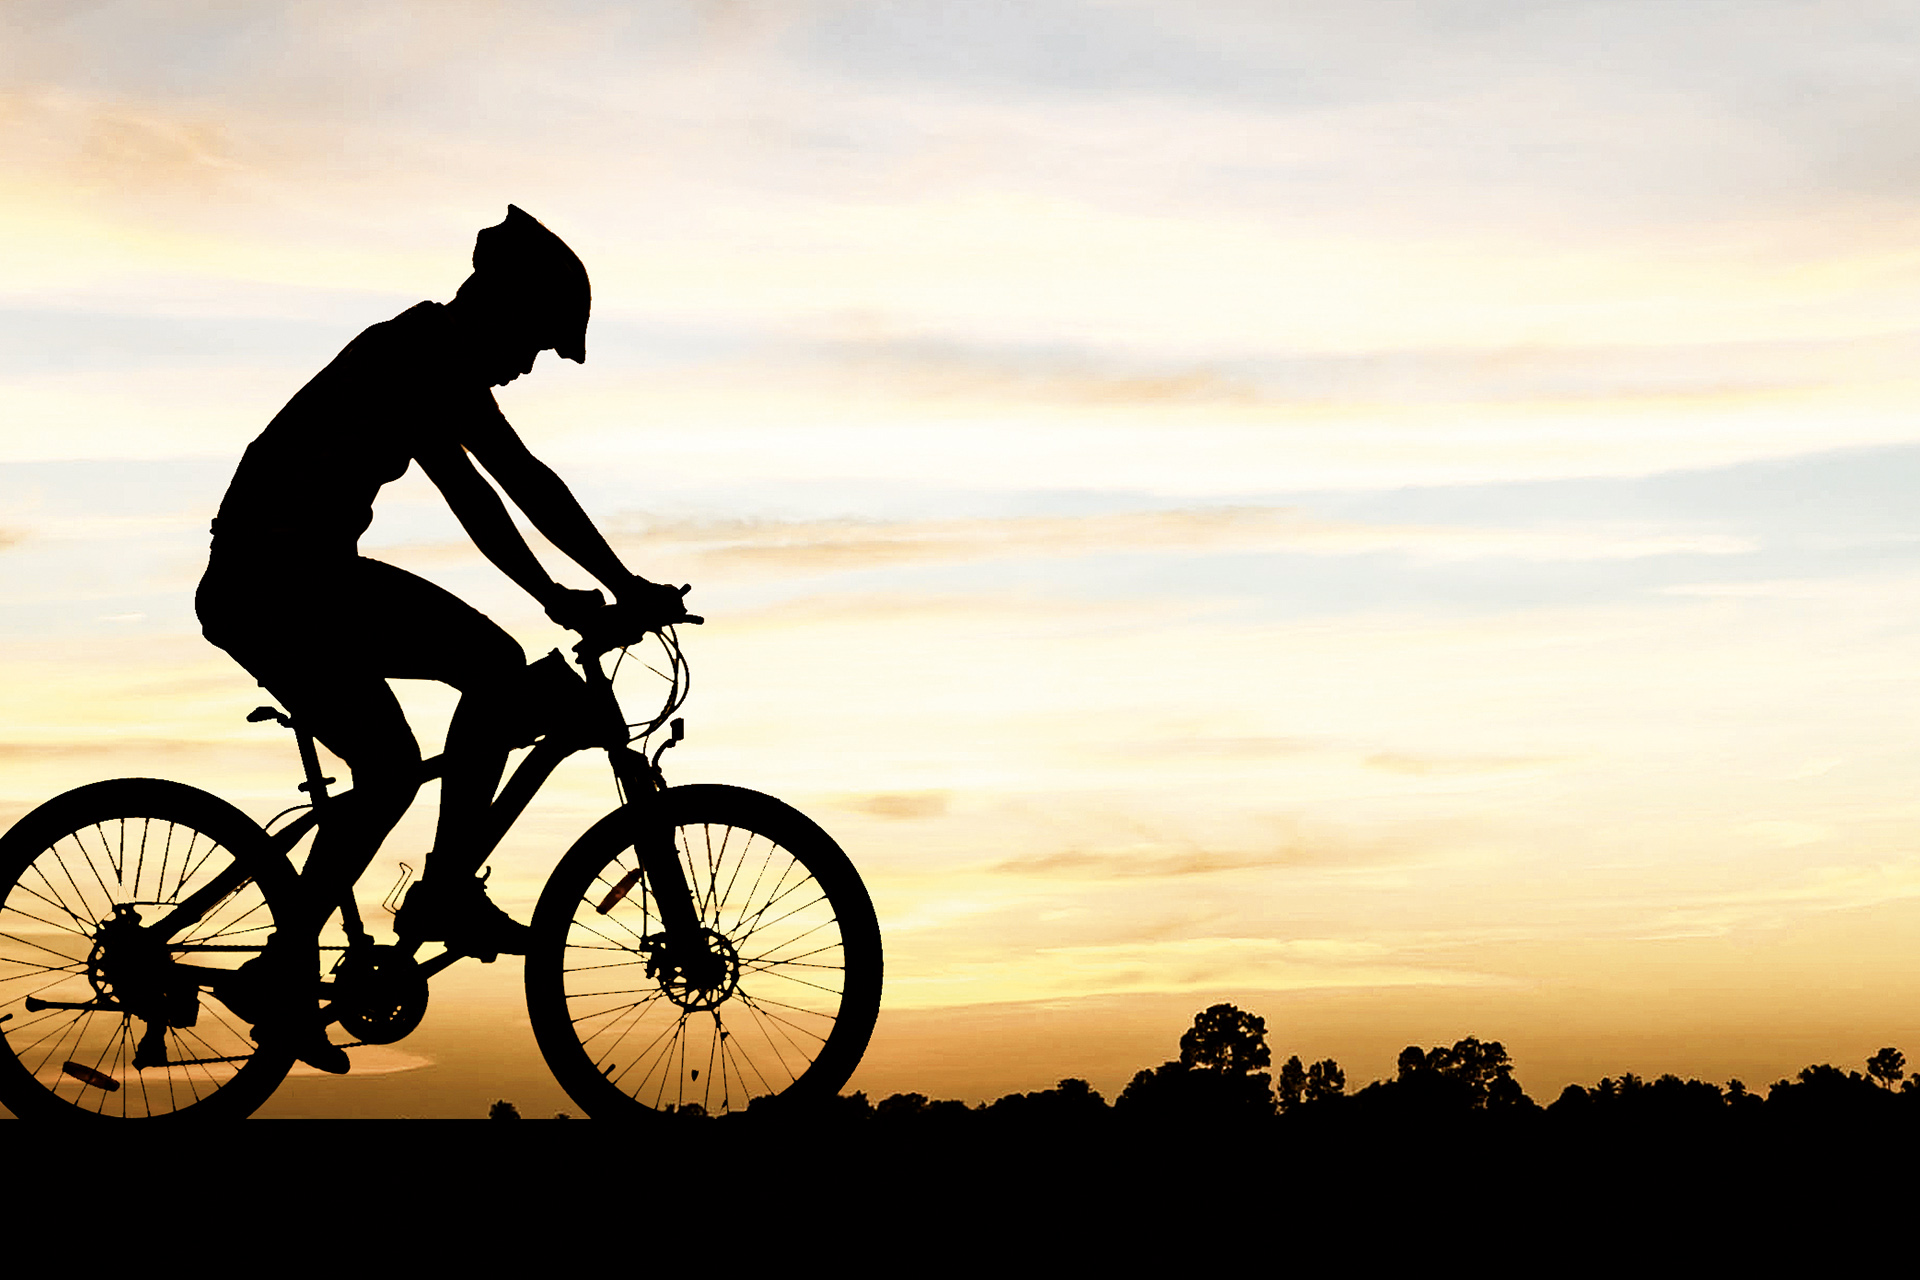 Das Bild zeigt die Silhouette eines Fahrradfahrers vor einem Sonnenuntergang.